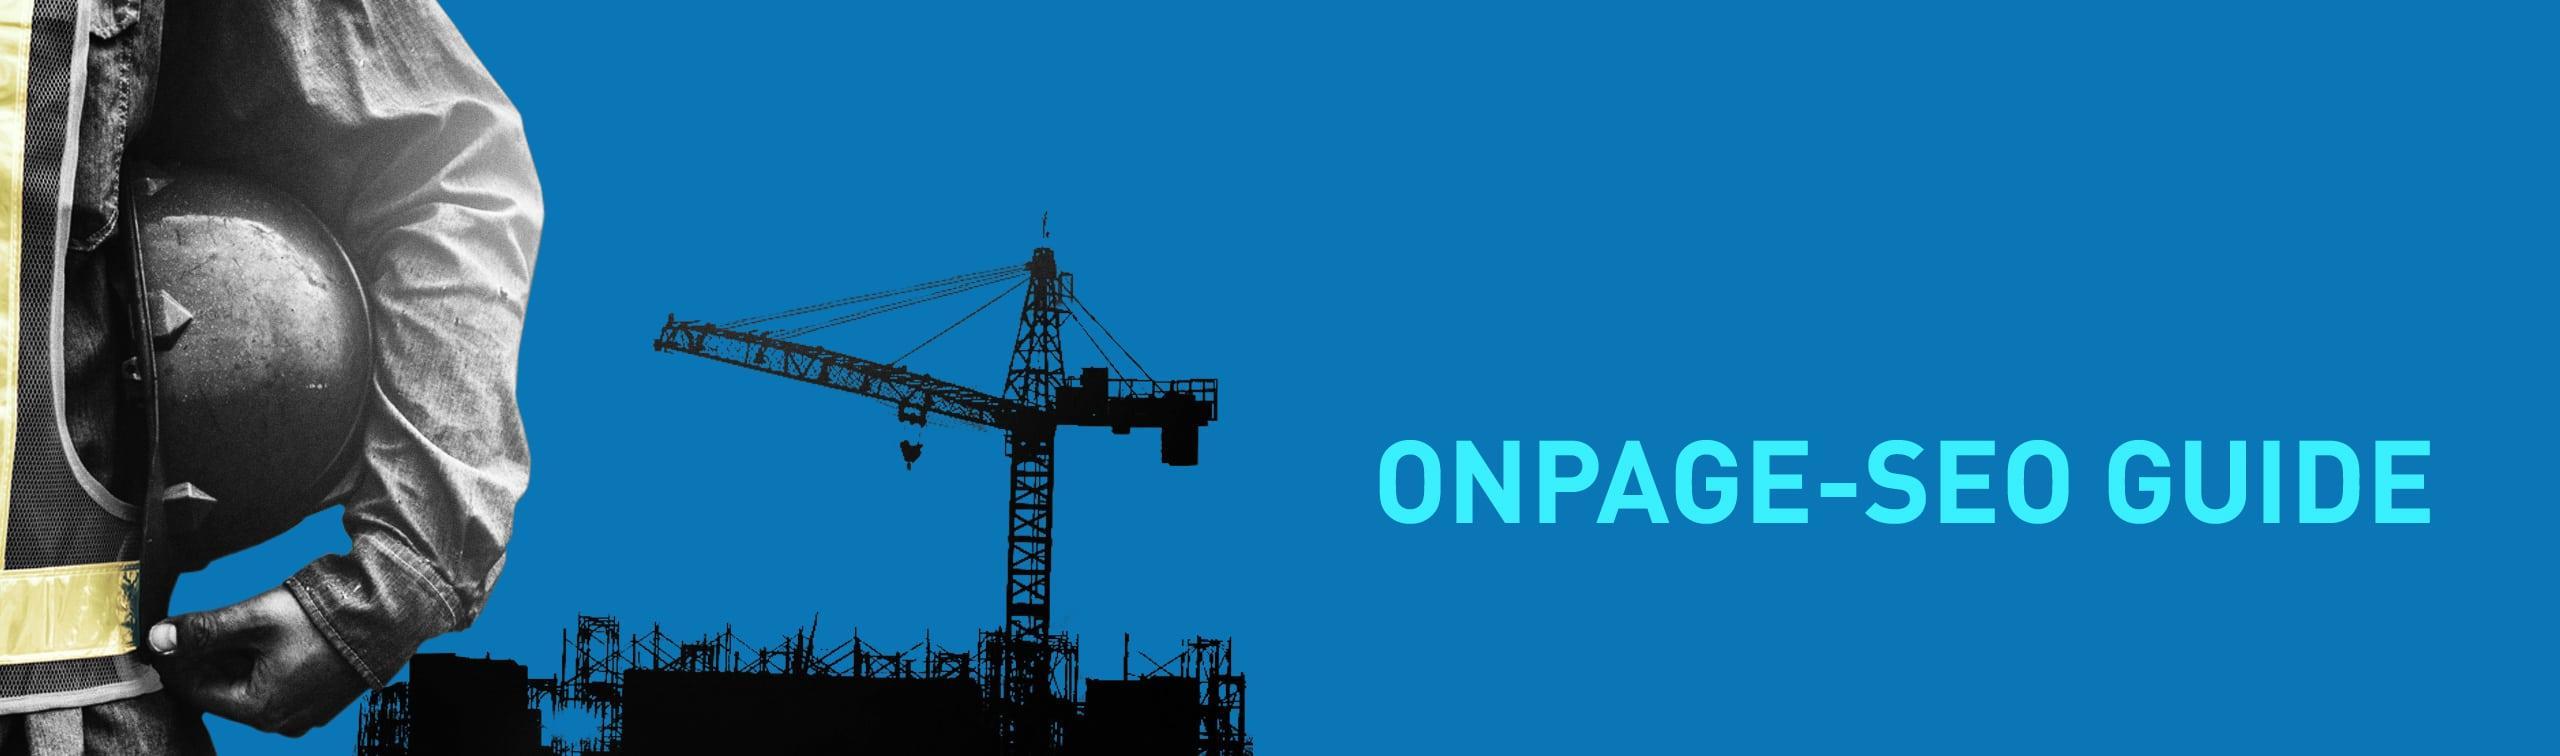 OnPage SEO